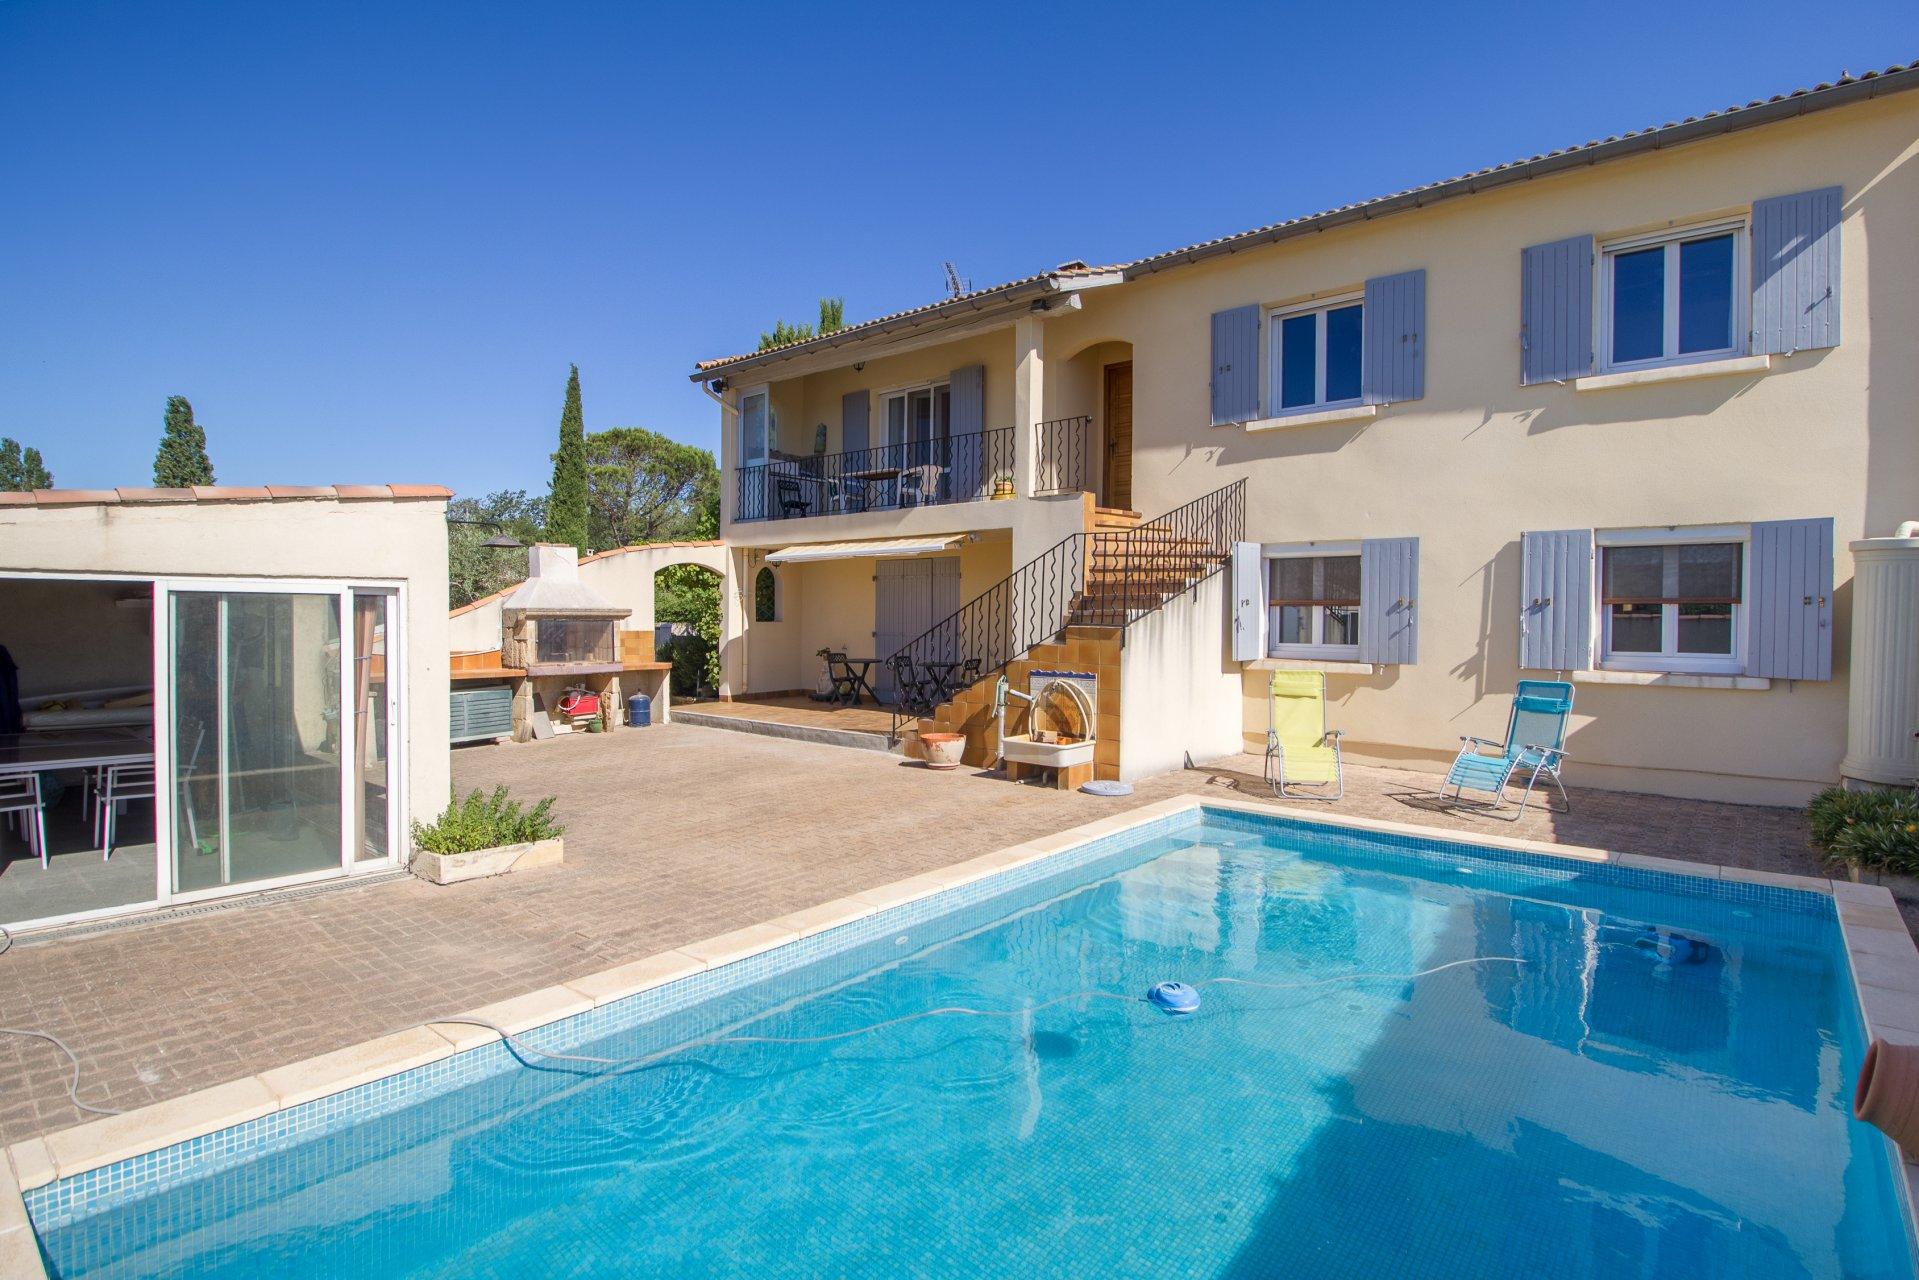 Maison traditionnelle avec piscine